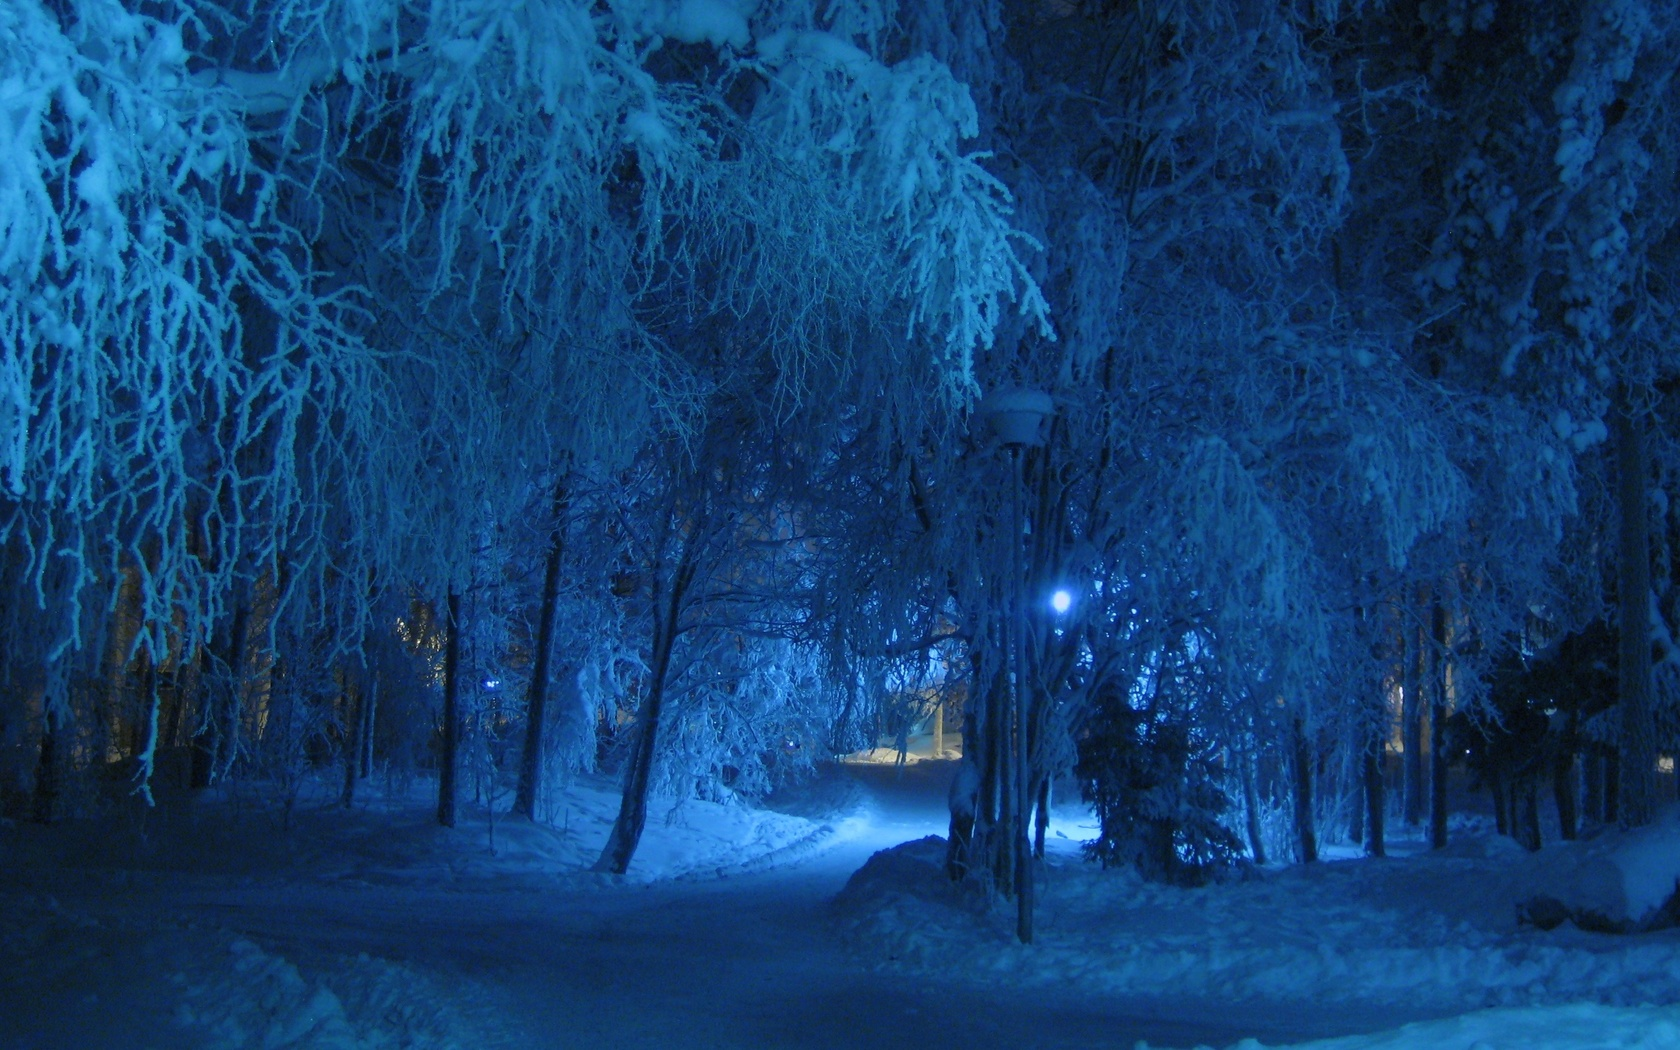 природа, зима, снег, деревья, парк, аллеи, дорожки, ночь